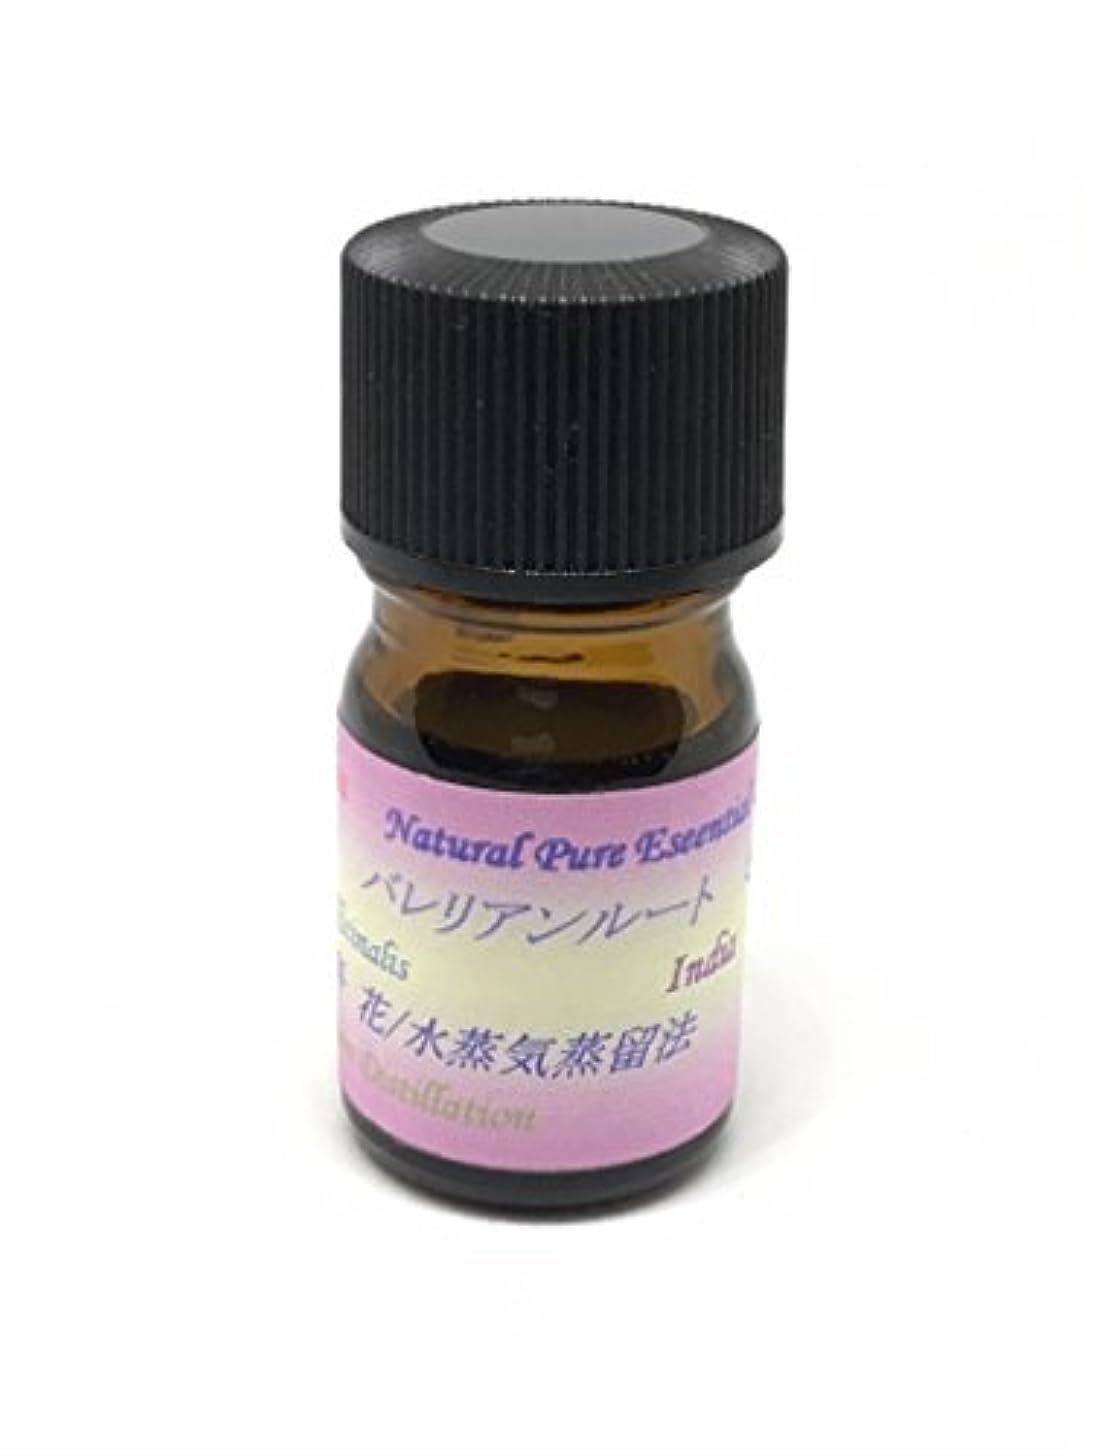 アグネスグレイおかしい線形バレリアンルート精油 西洋カノコ草 Valerian root  (30ml)